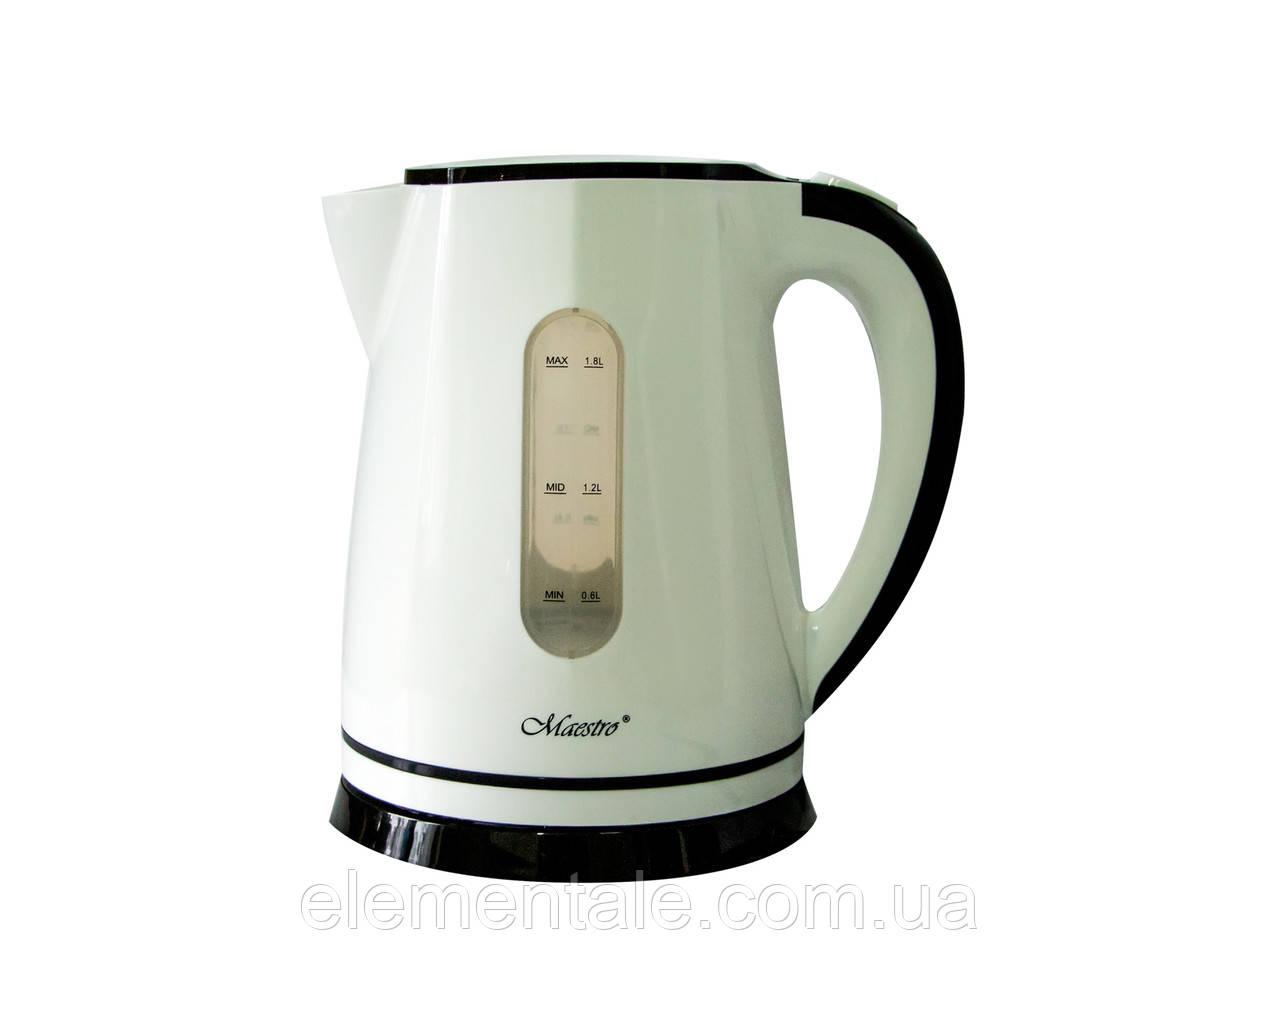 Электрический чайник Maestro Белый с черным